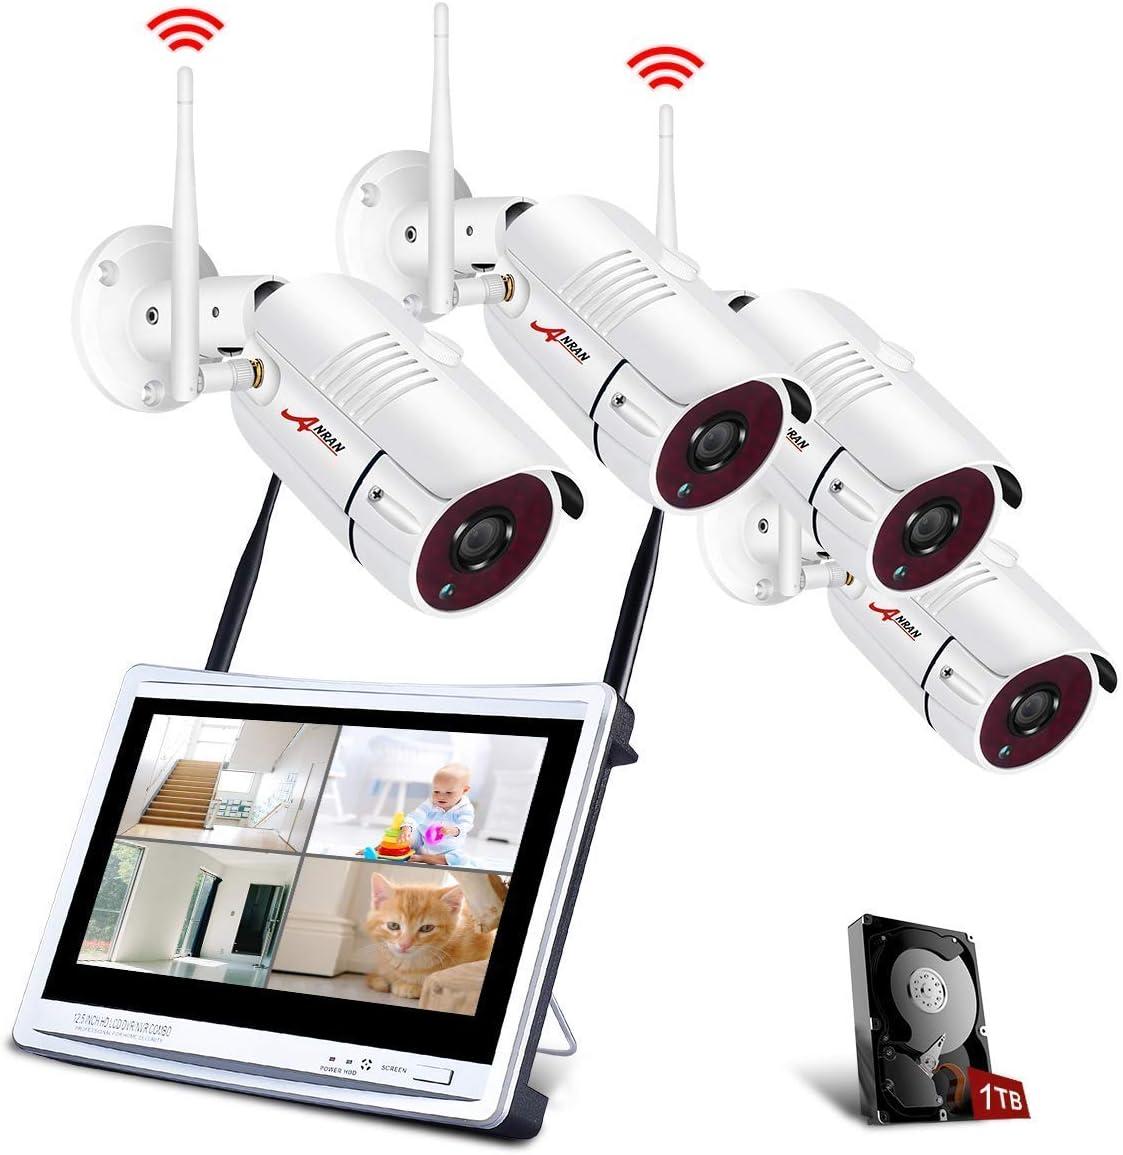 【Todo en uno】Kit Cámaras de Seguridad Inalámbricas con 12' Monitor LCD, ANRAN Kits de Vigilancia NVR WiFi 4CH 1080P con 4PCS 2.0MP Cámaras IP CCTV, Acceso Remoto, Detección de Movimiento,1TB HDD